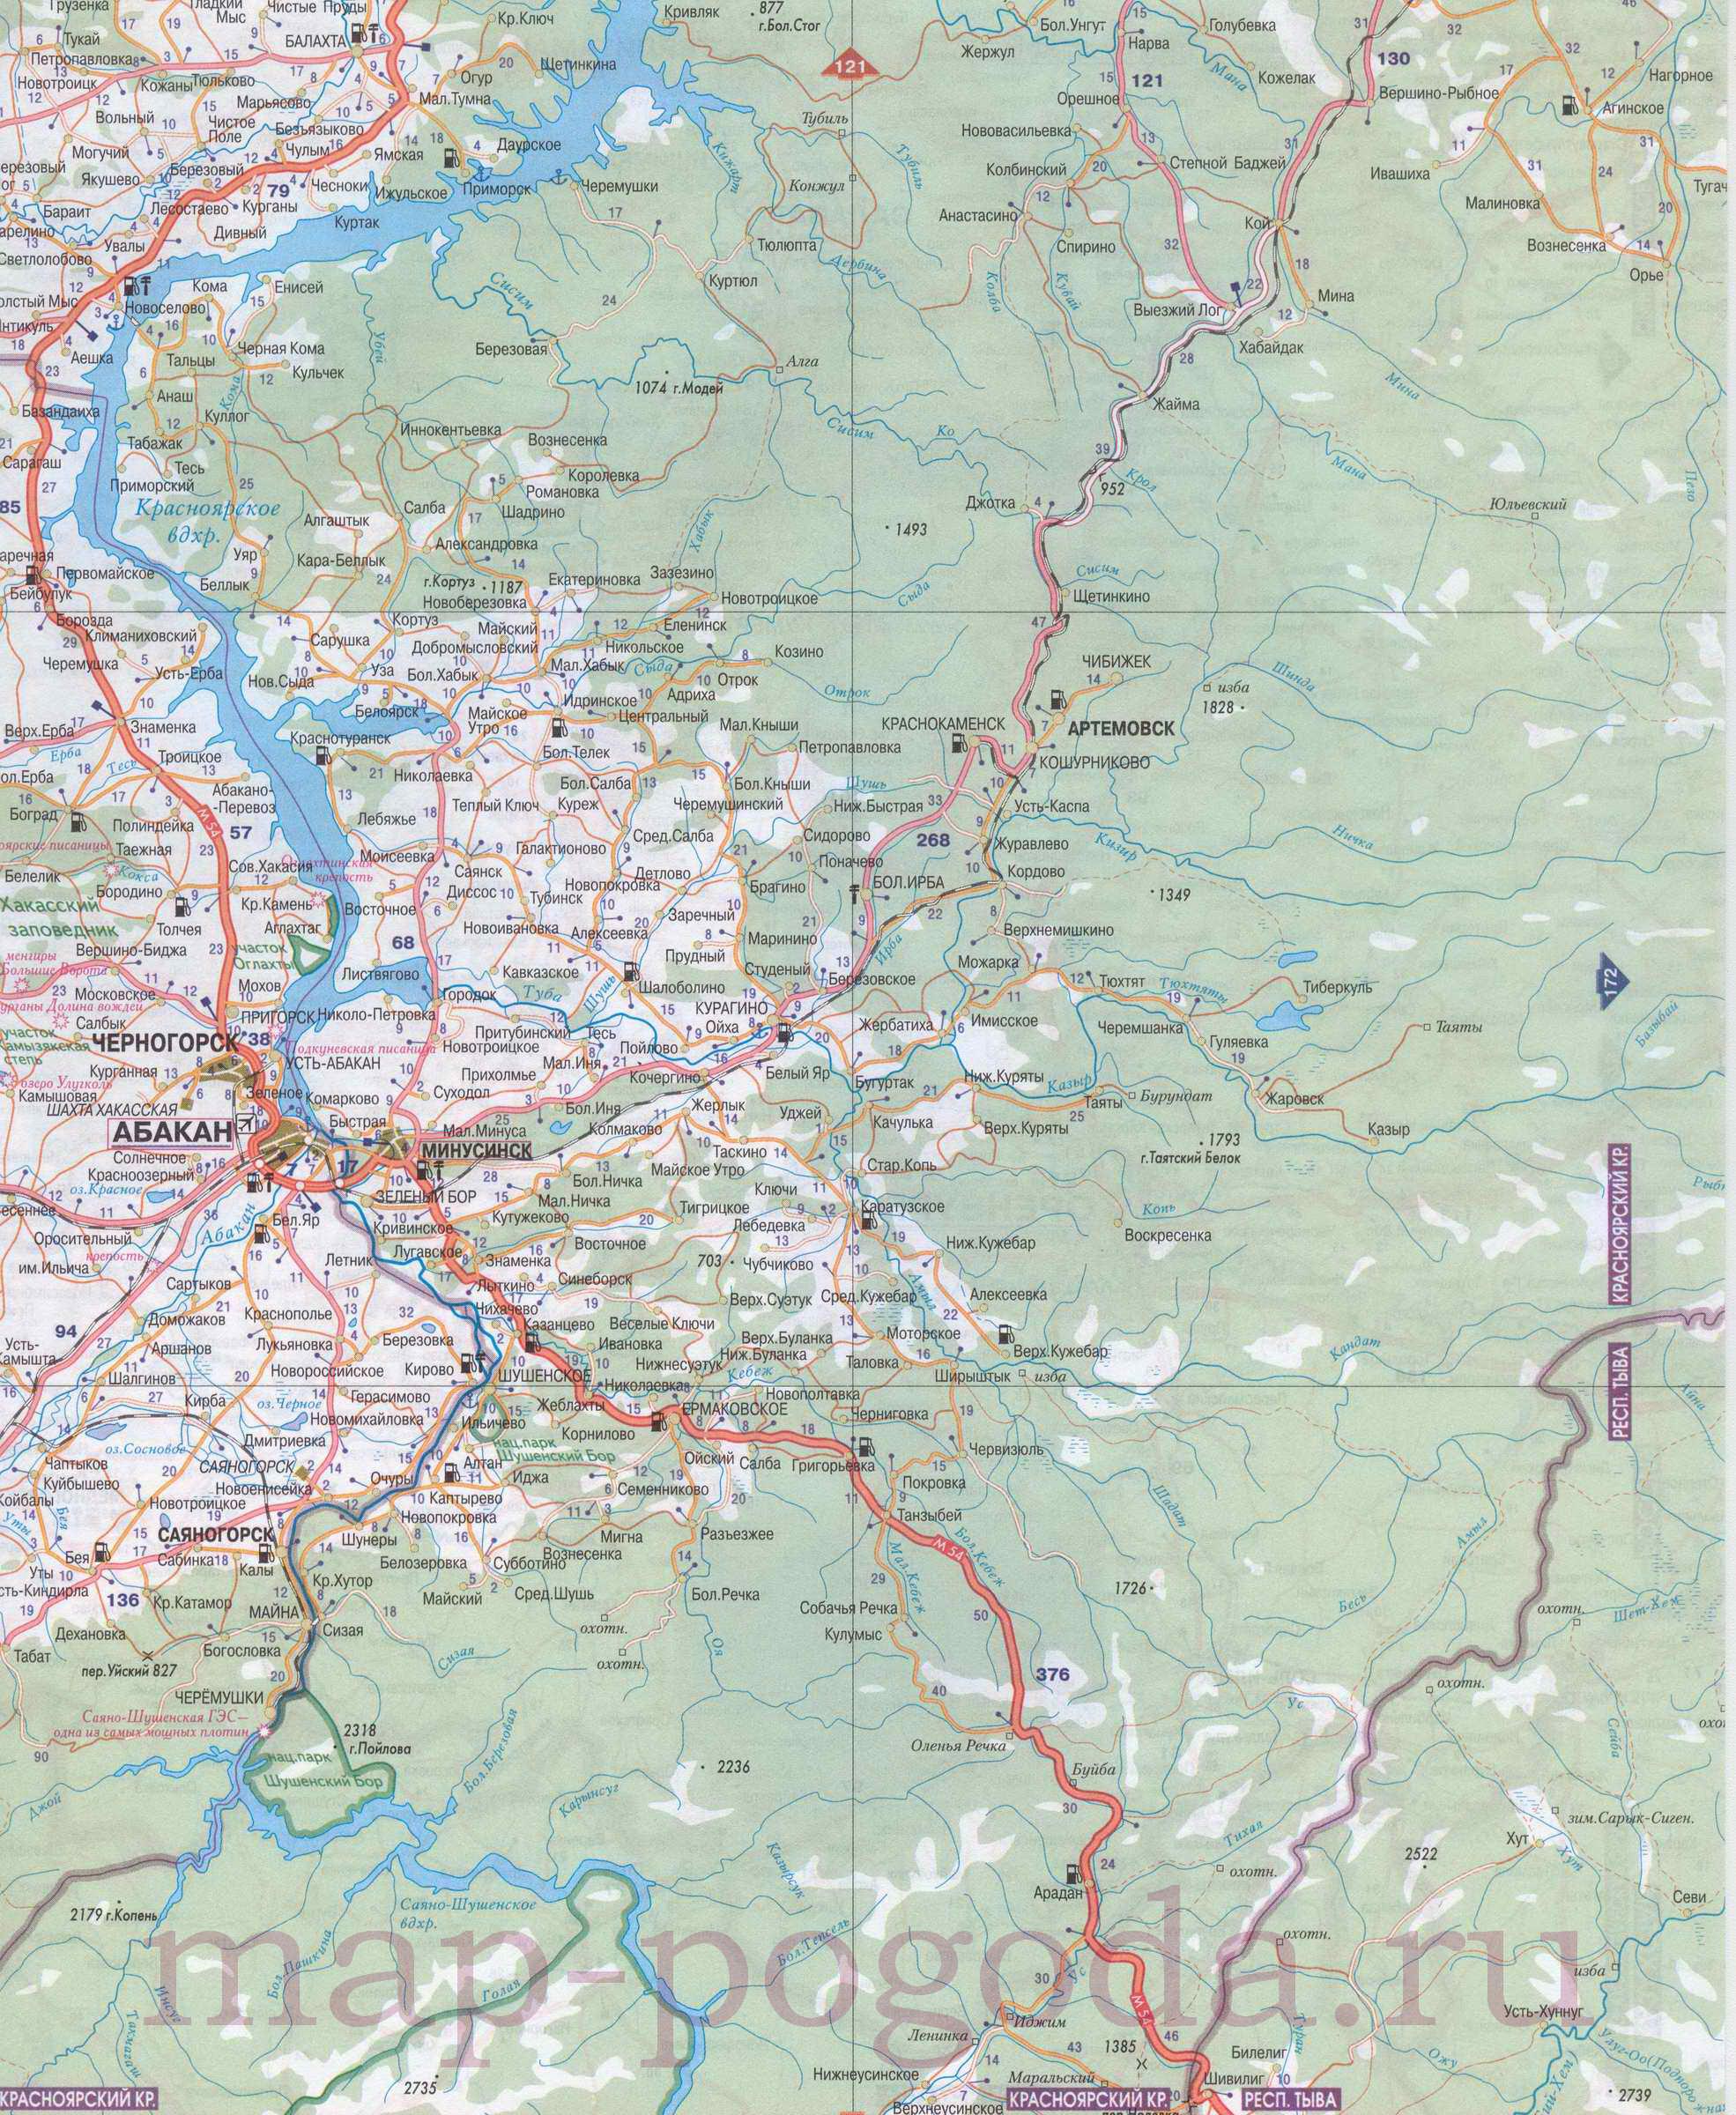 Подробная карта южной части Красноярского края масштаба 1см:14км.